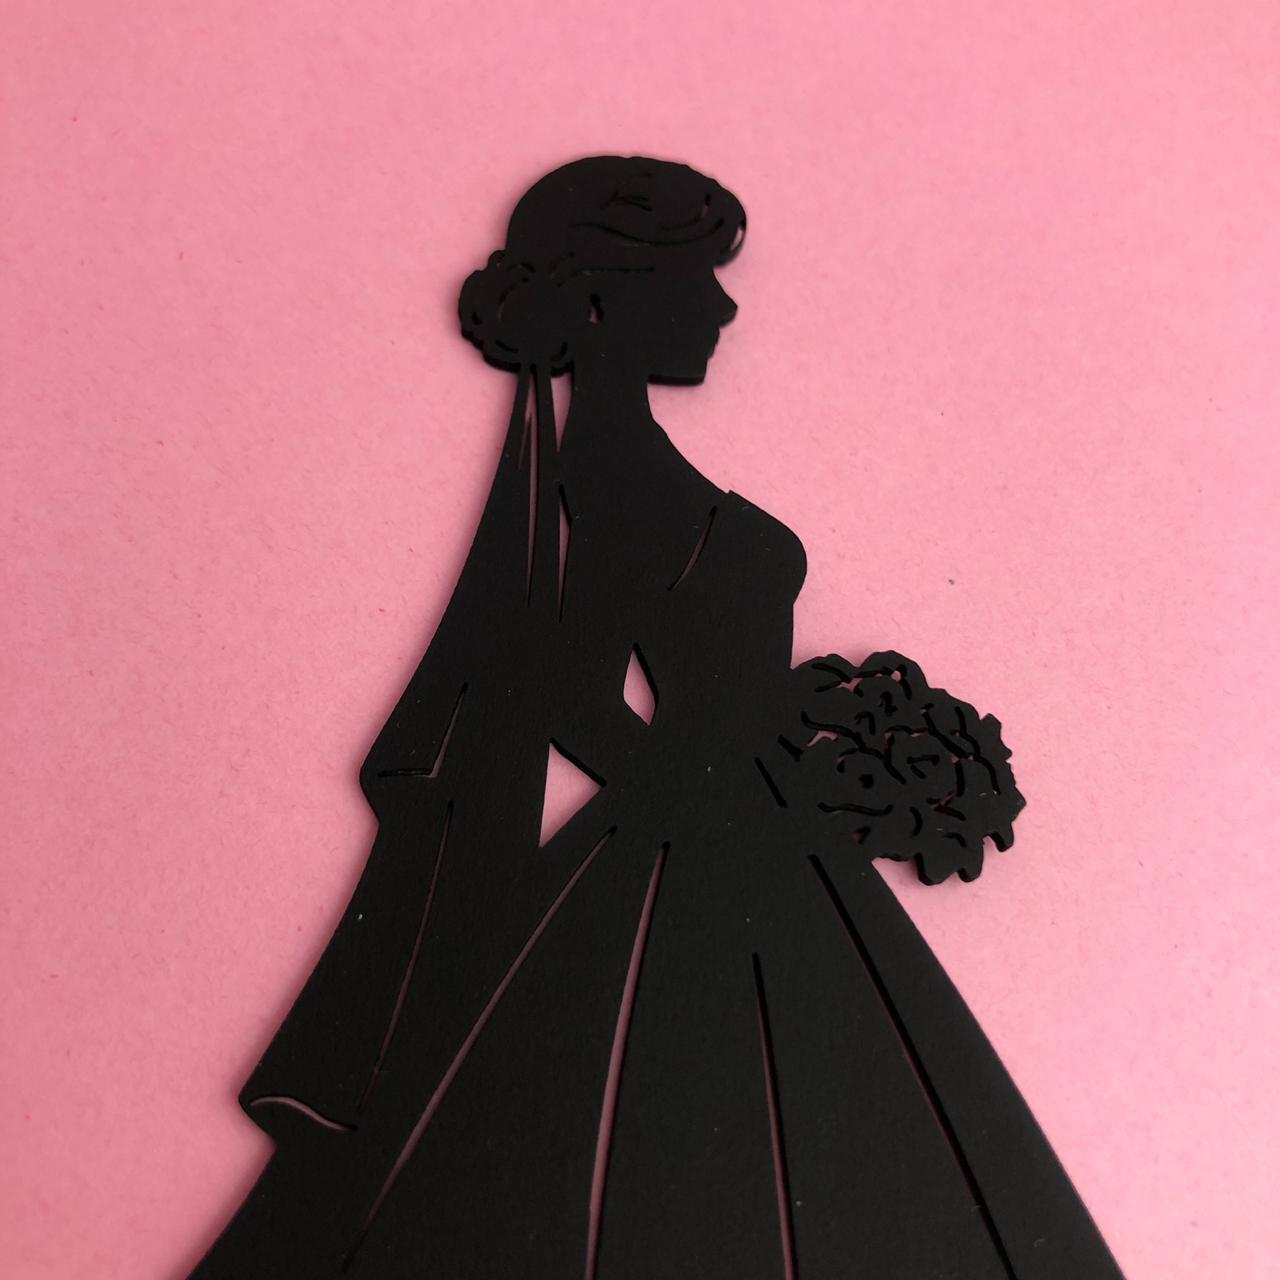 Enfeite Lovely Bride - BG Crafts (BG08)